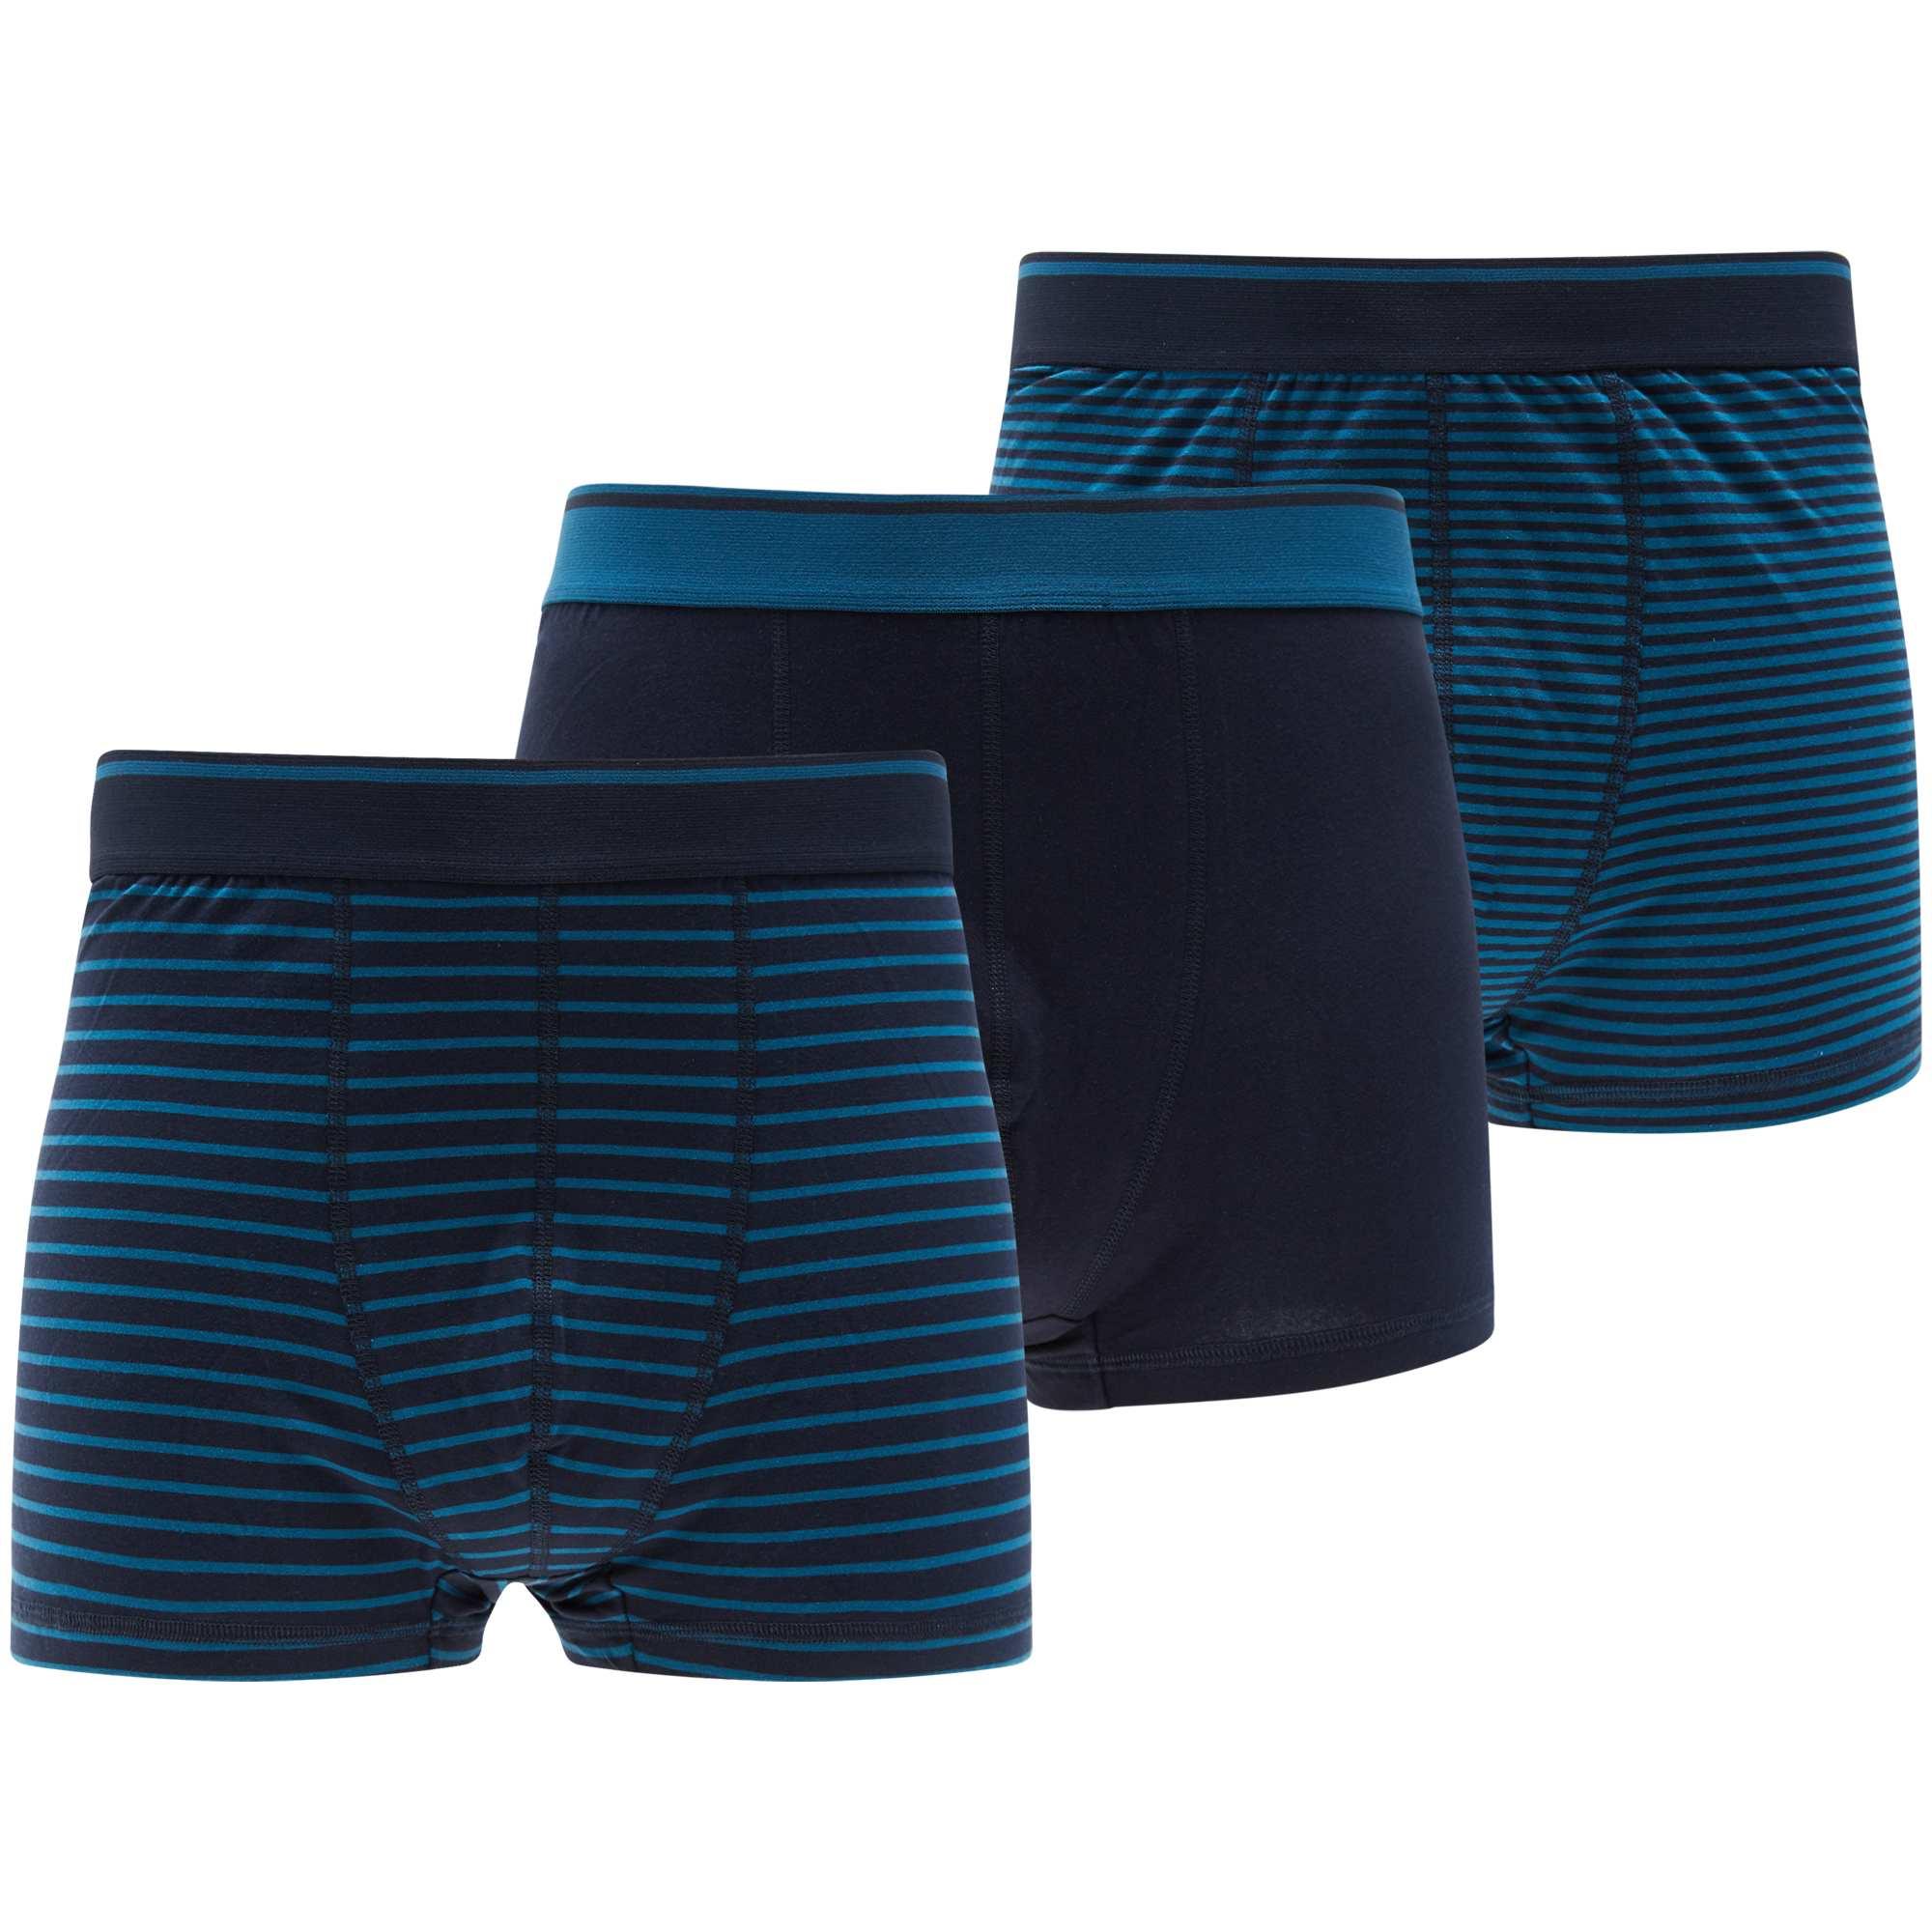 Couleur : bleu gris, , ,, - Taille : 3XL, 4XL, 6XL,,Du coton stretch + un ceinture large élastiquée : confort assuré ! - Lot de 3 boxers